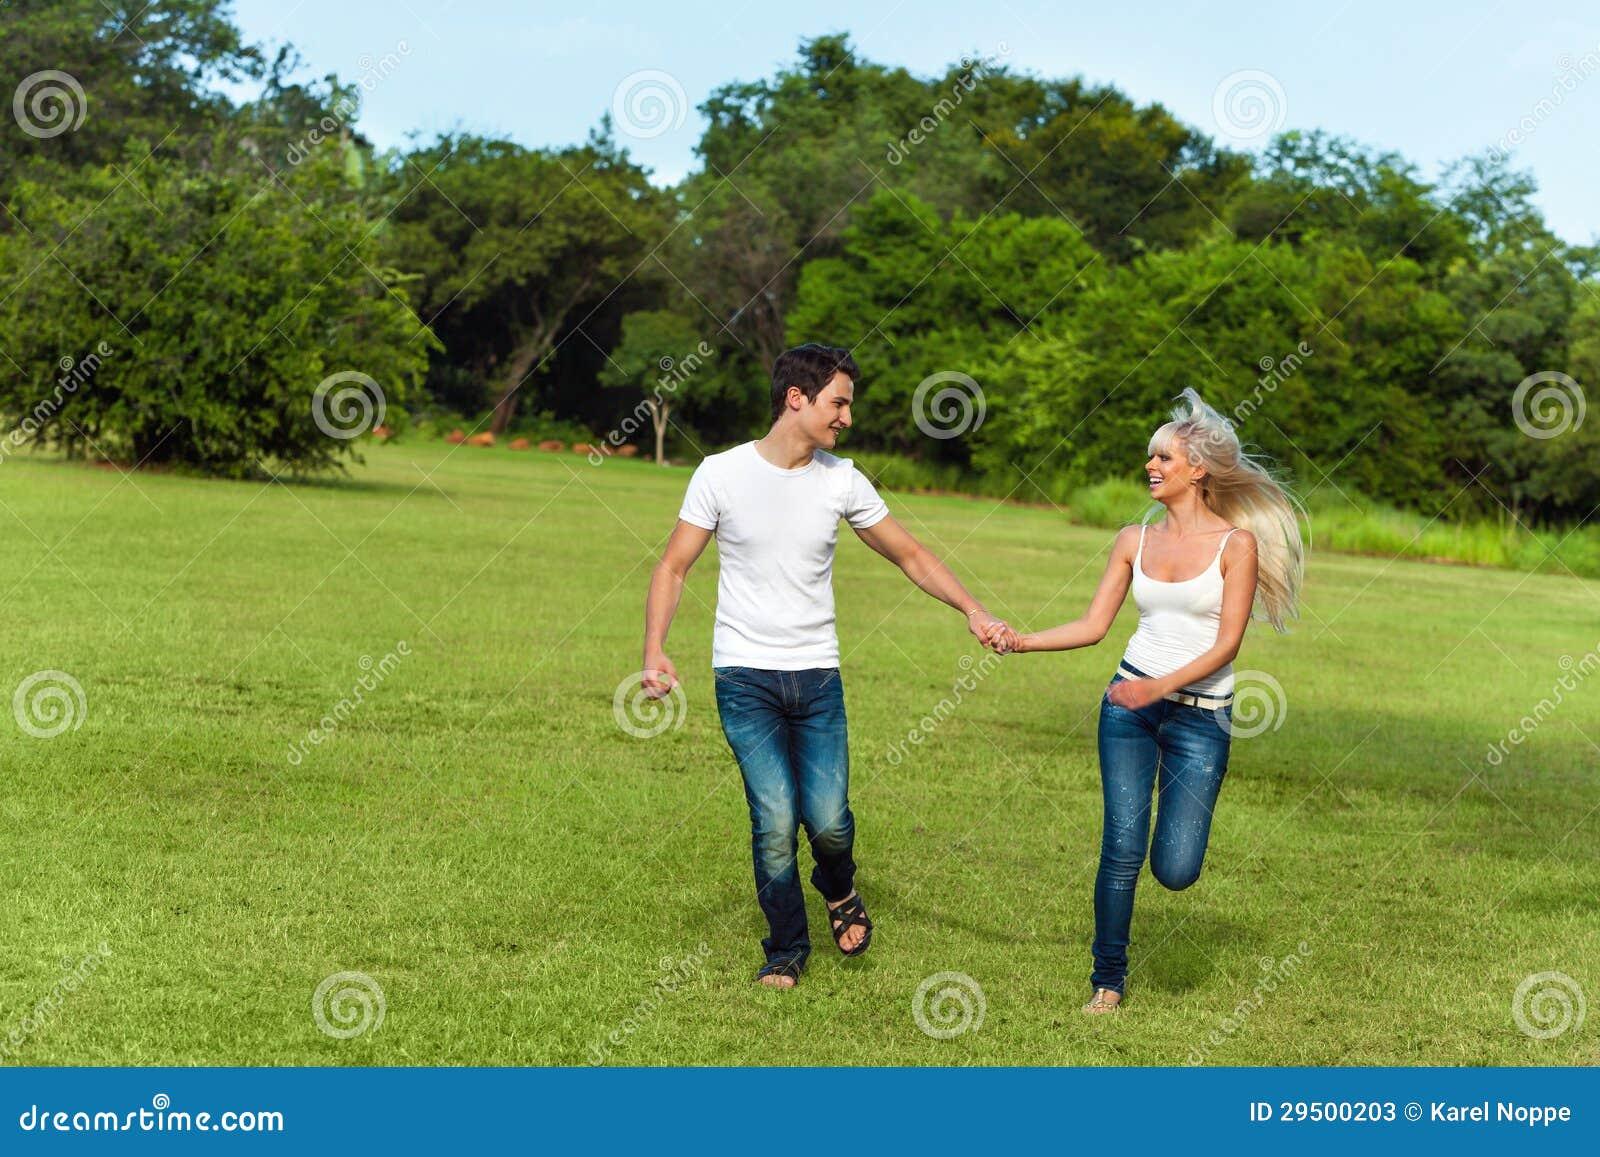 Paar die in groen park lopen.